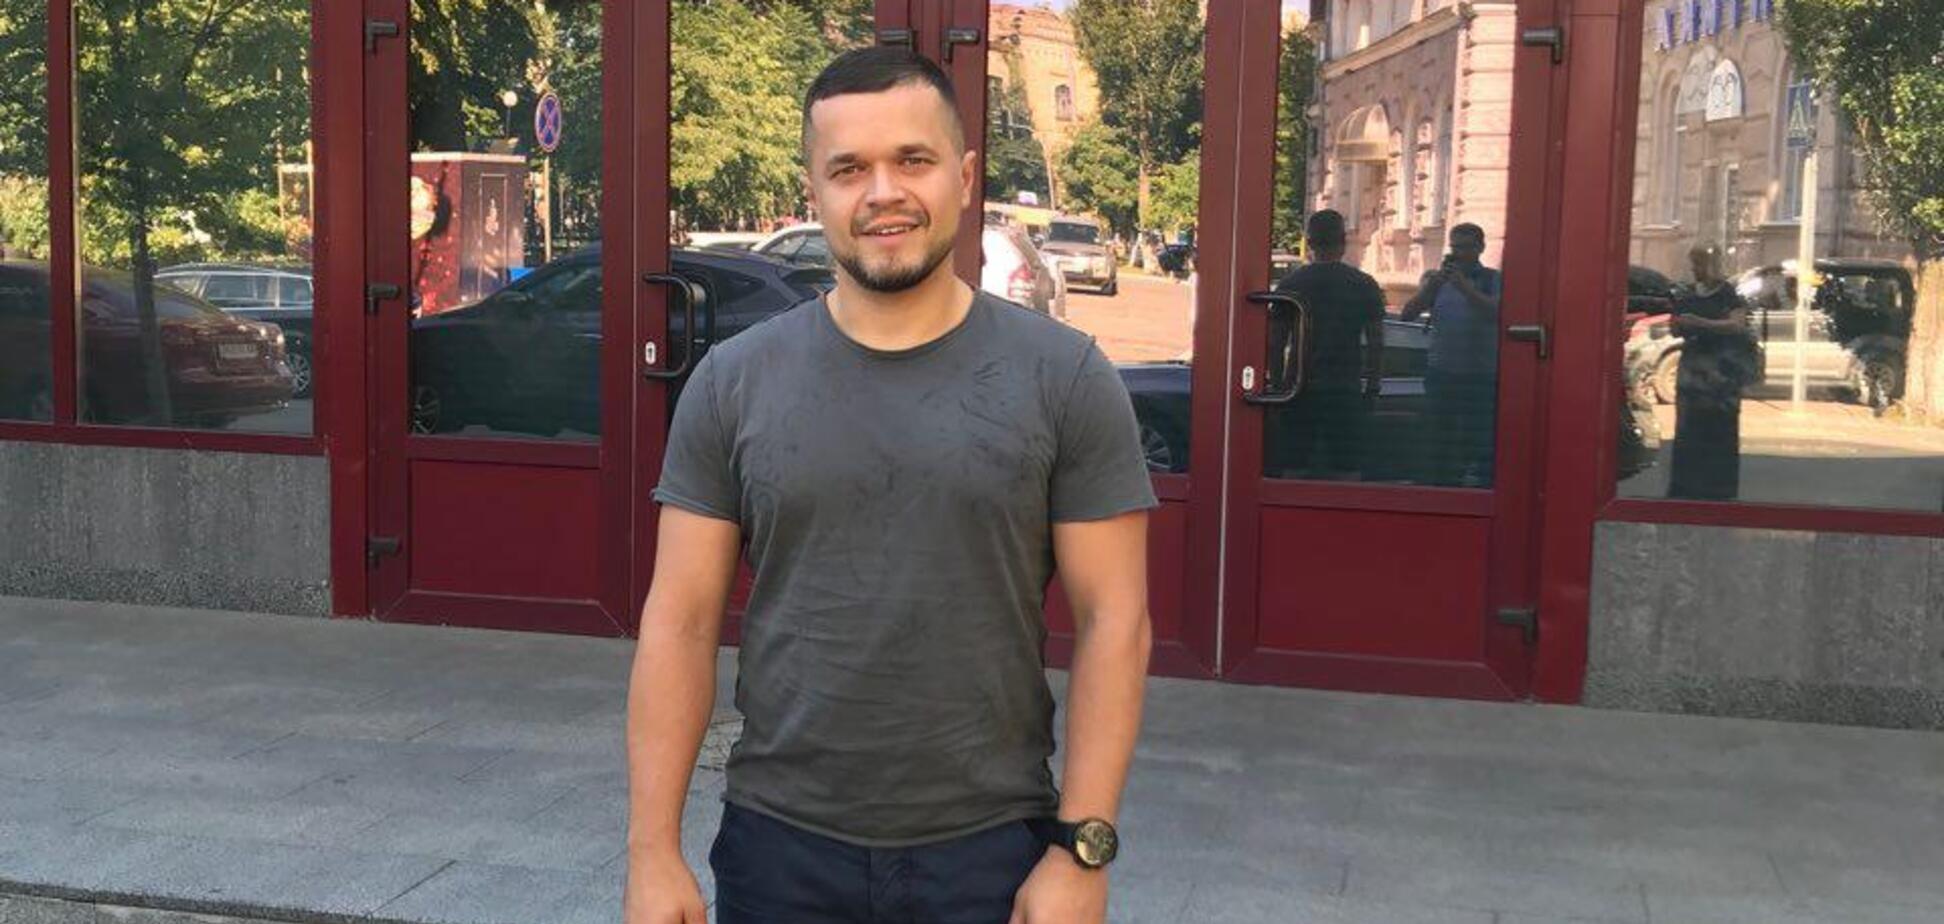 Спокійно перетнув кордон: оголошений у розшук топ 'Трейд Коммодіті' повернувся в Україну